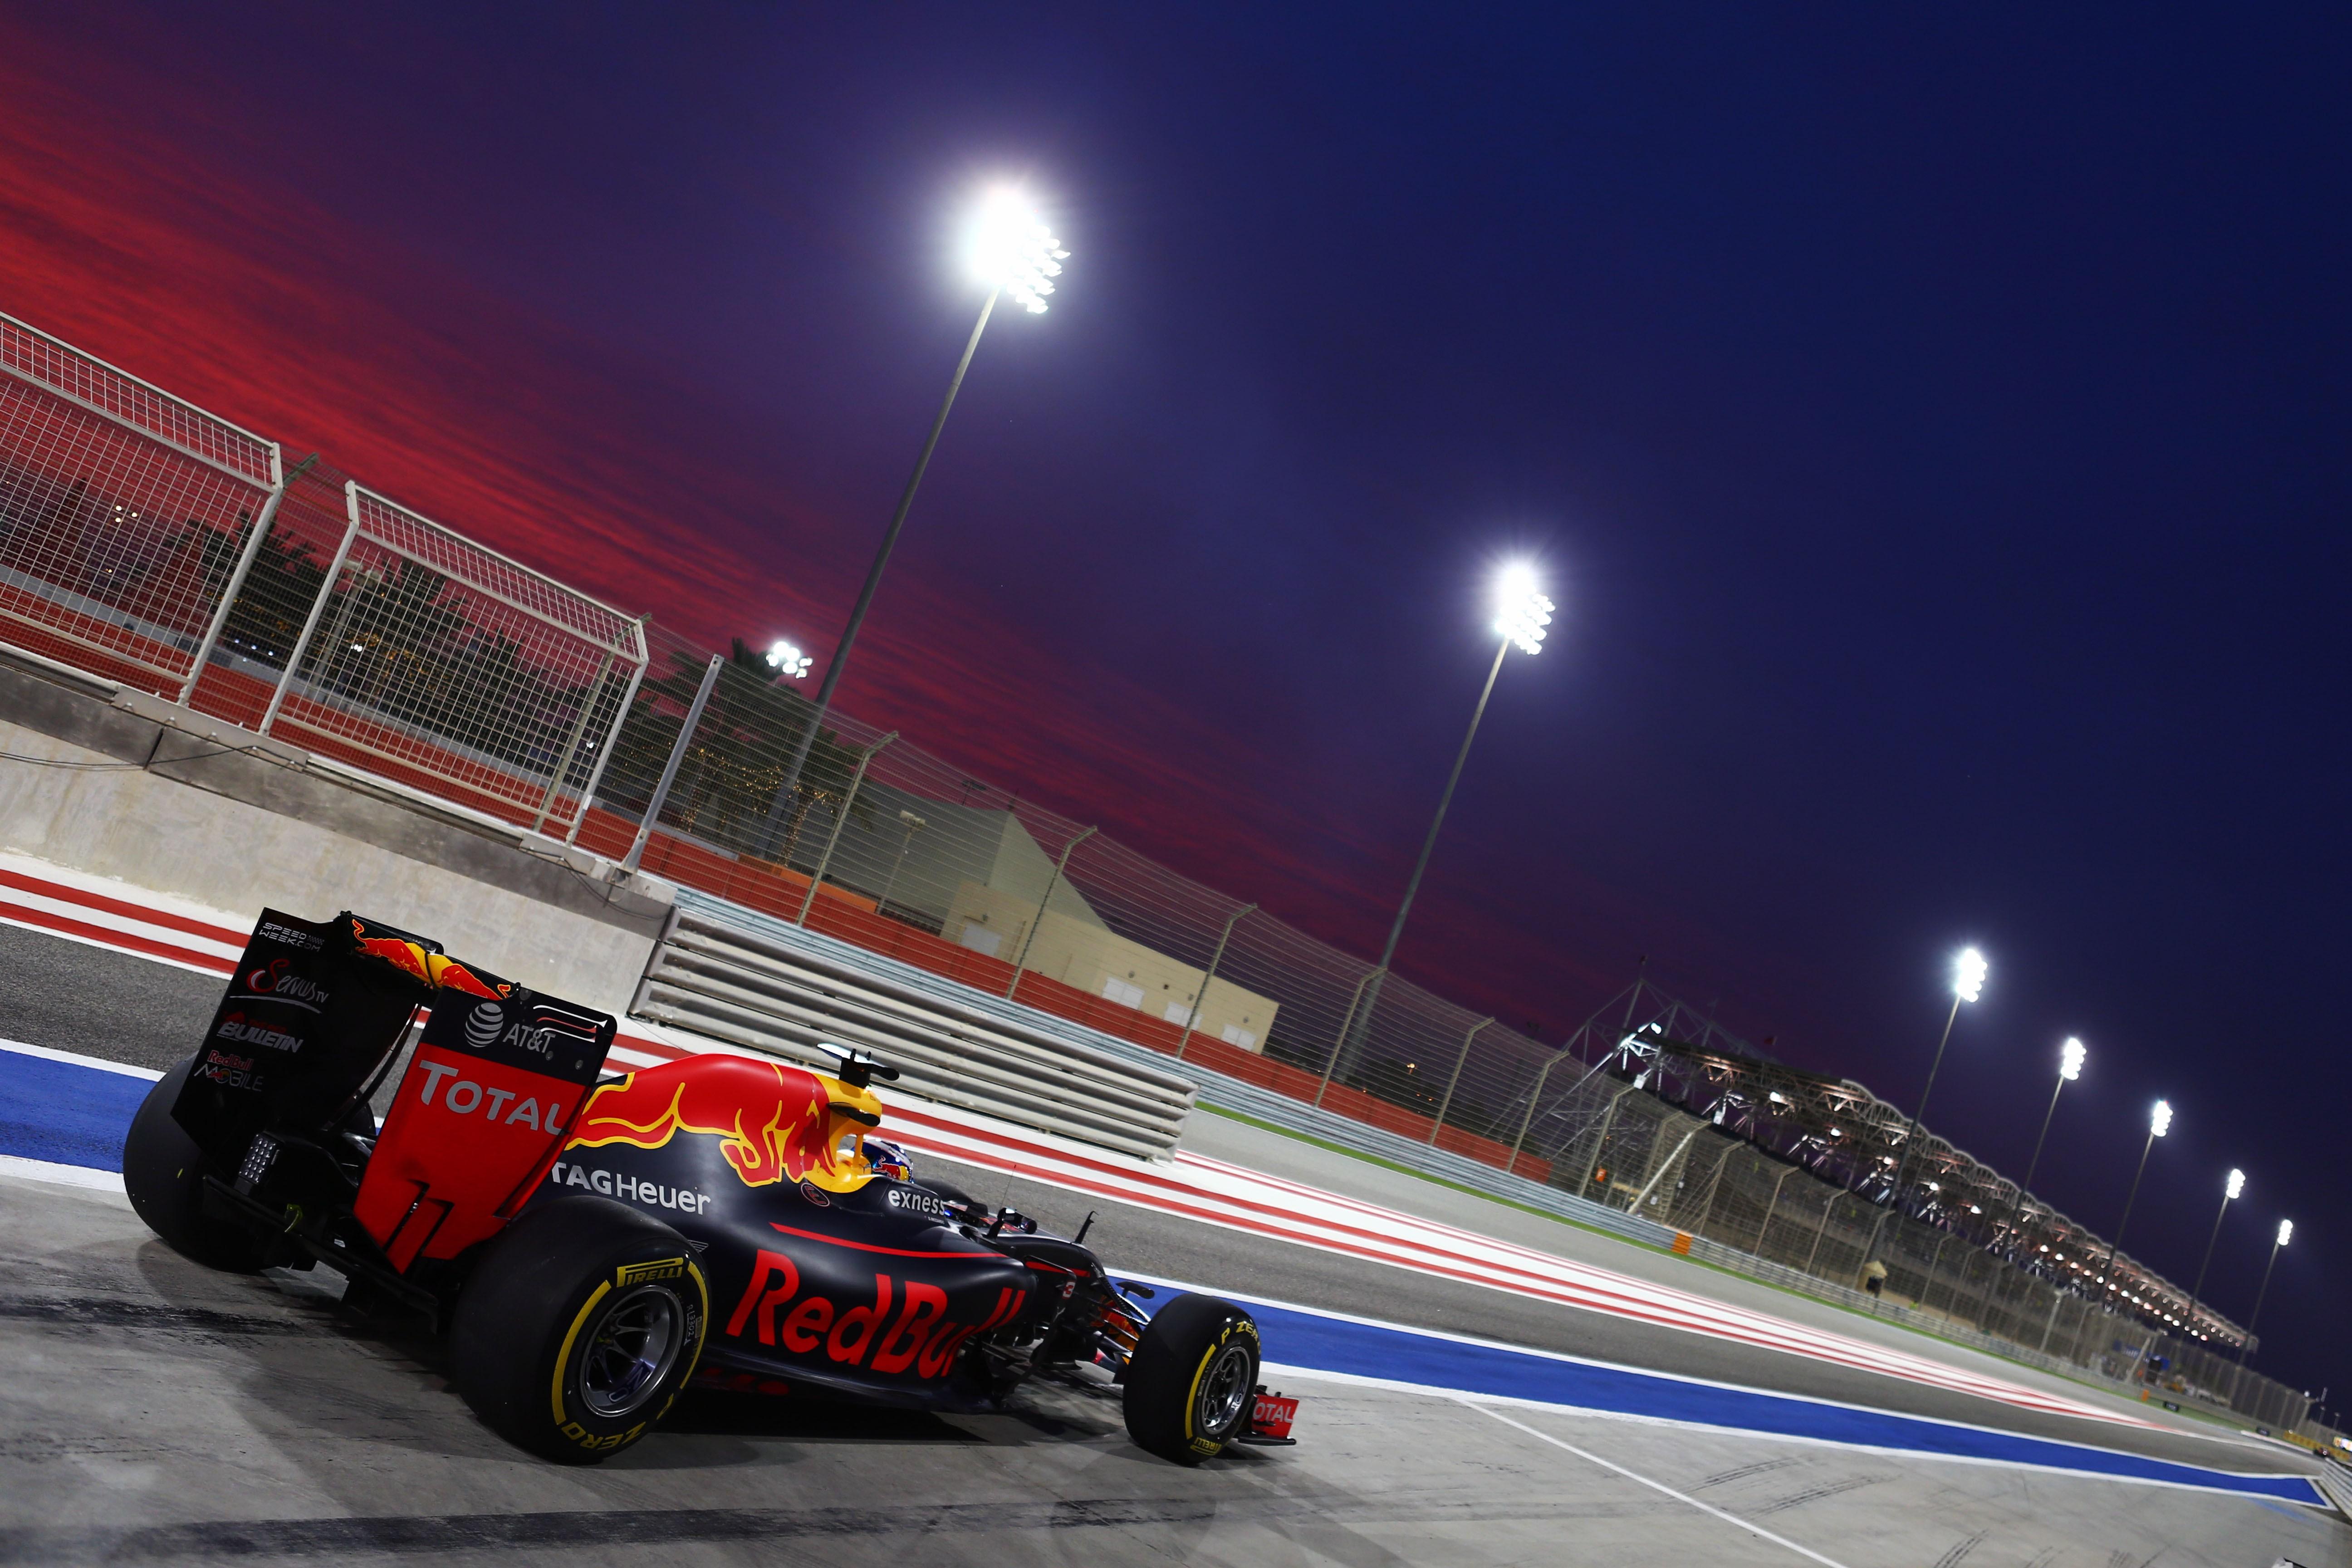 Fond d'écran : des sports, nuit, voiture, véhicule, boisson, Formule 1, Red Bull Racing, courses ...